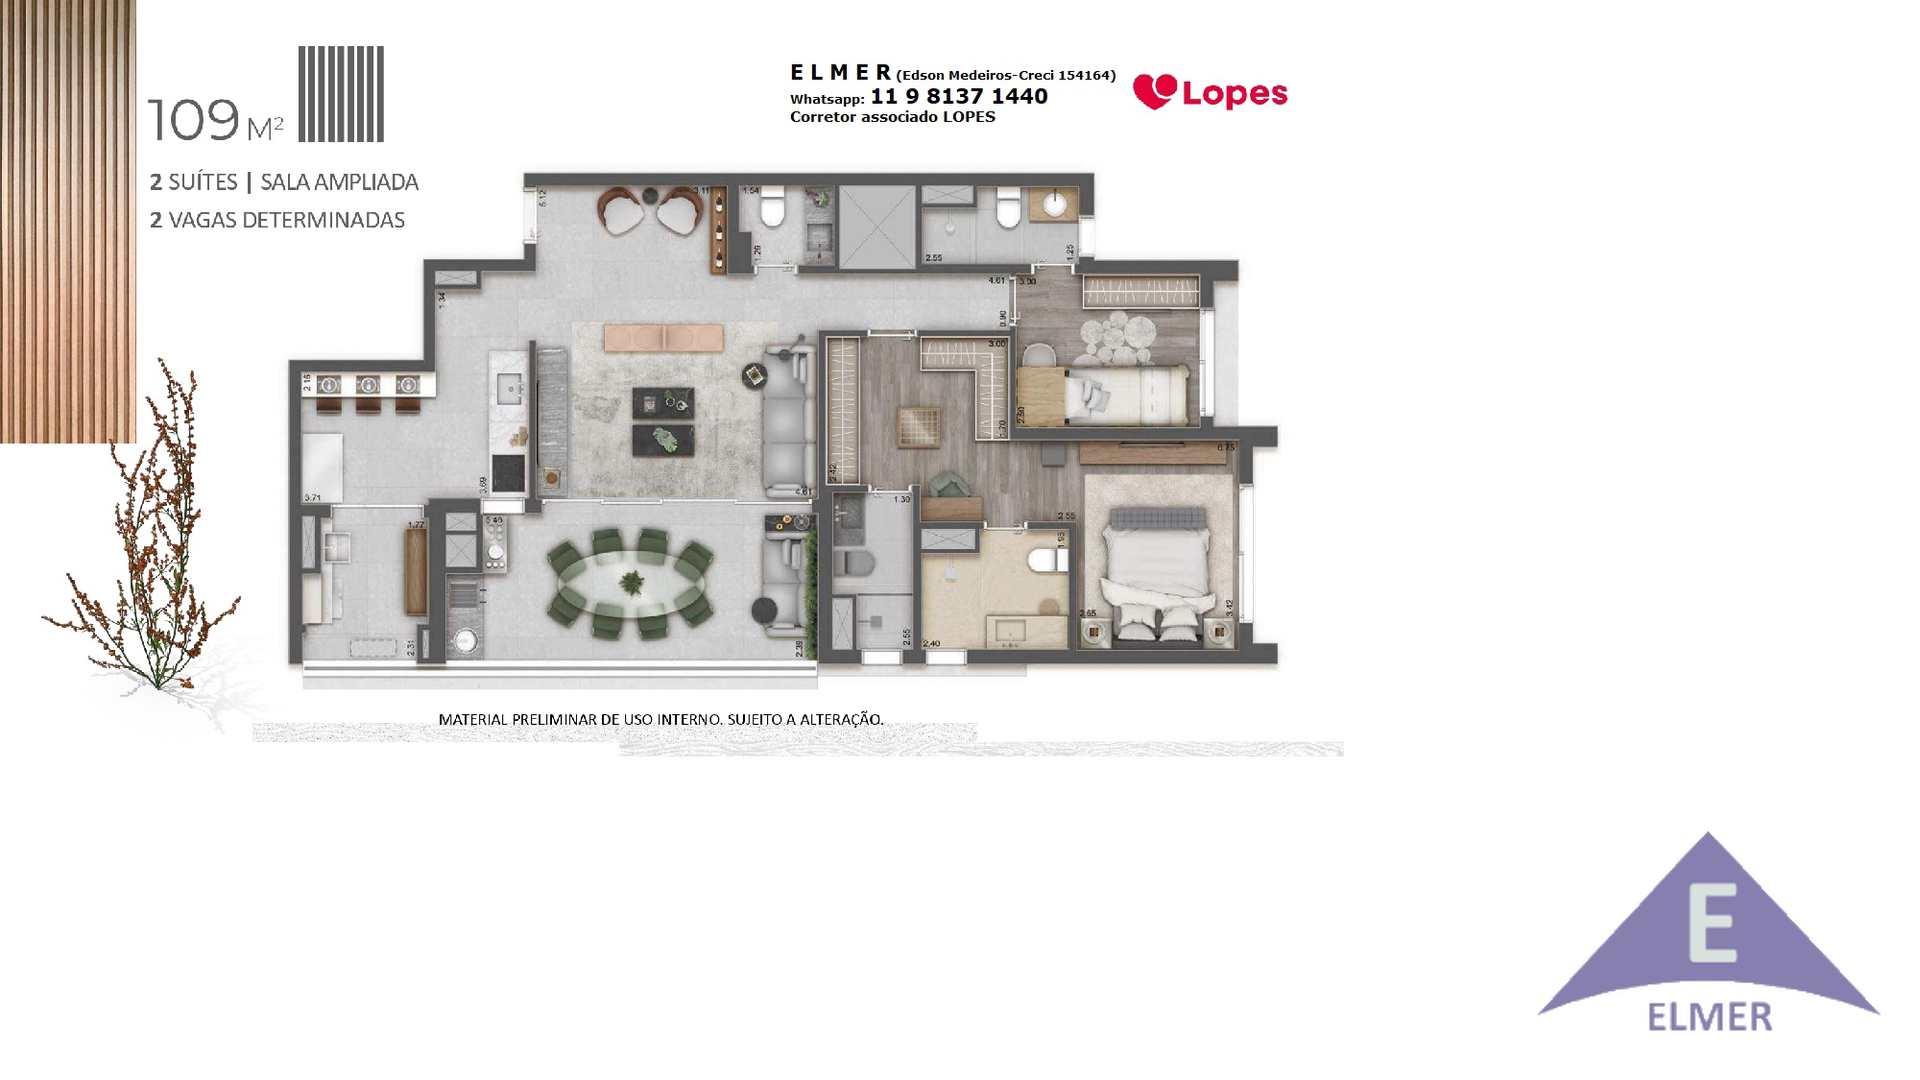 15 - Planta 109m² - Haus Mitre -Campo-Belo - ...